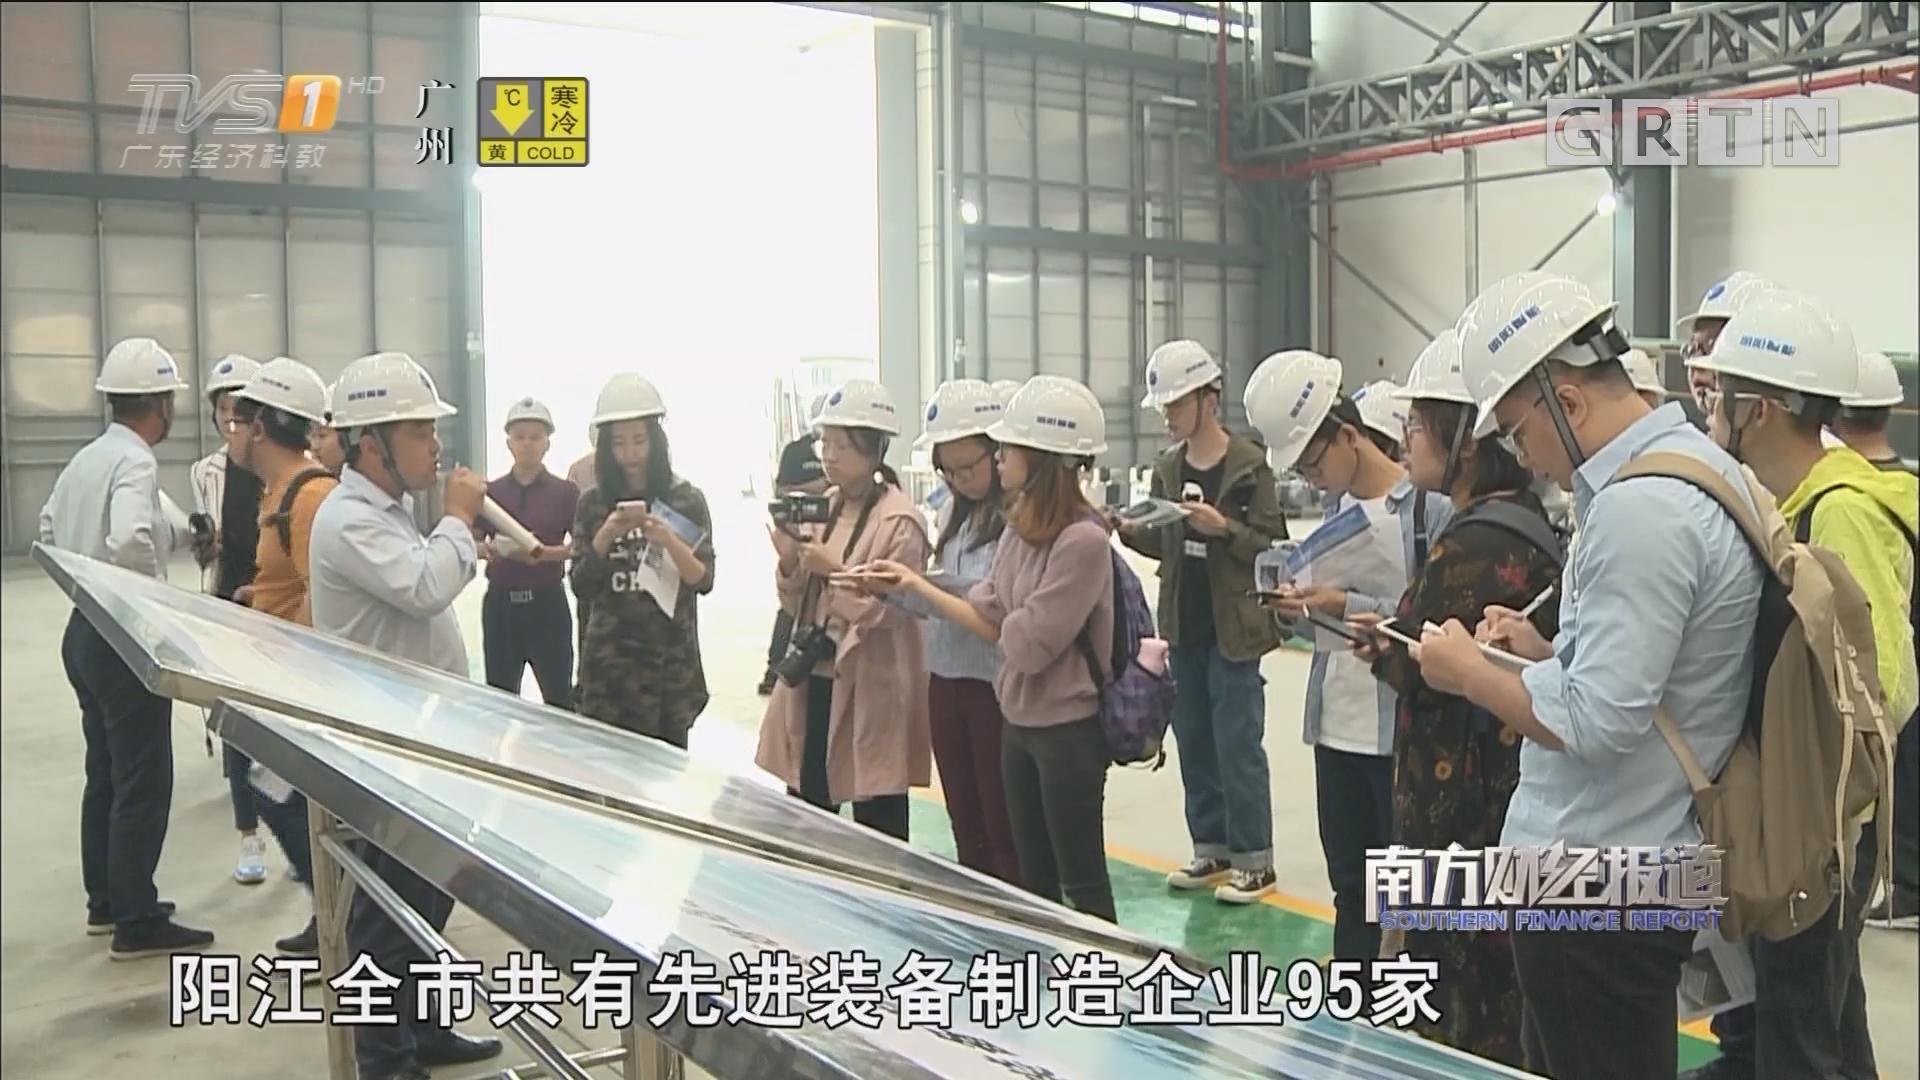 先进装备制造业崛起 助力阳江肇庆高质量发展